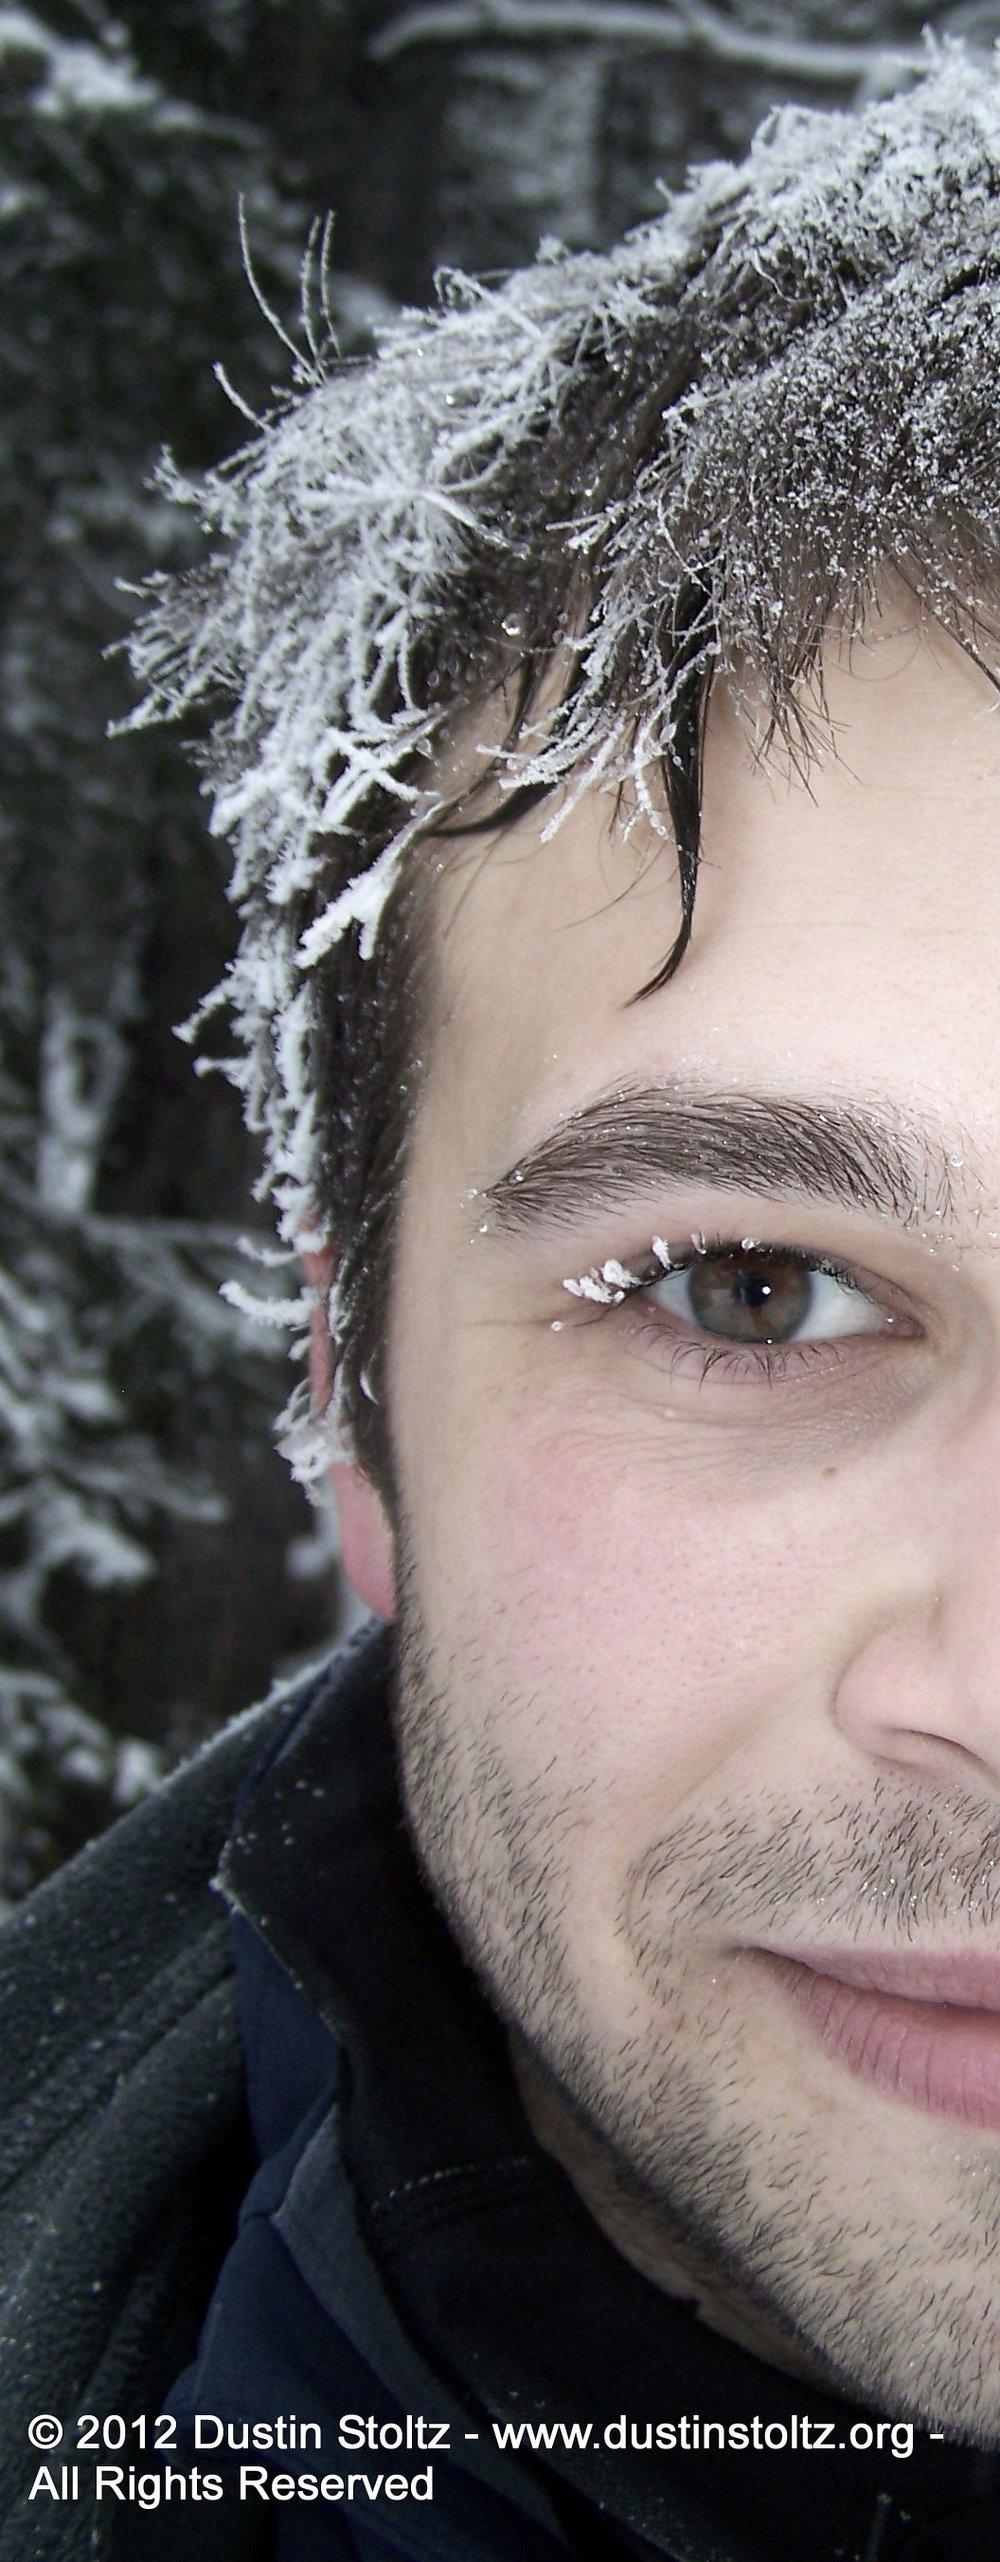 Dustin-Stoltz-FrozenHair-Bozeman2012TheBriefNote1.jpg